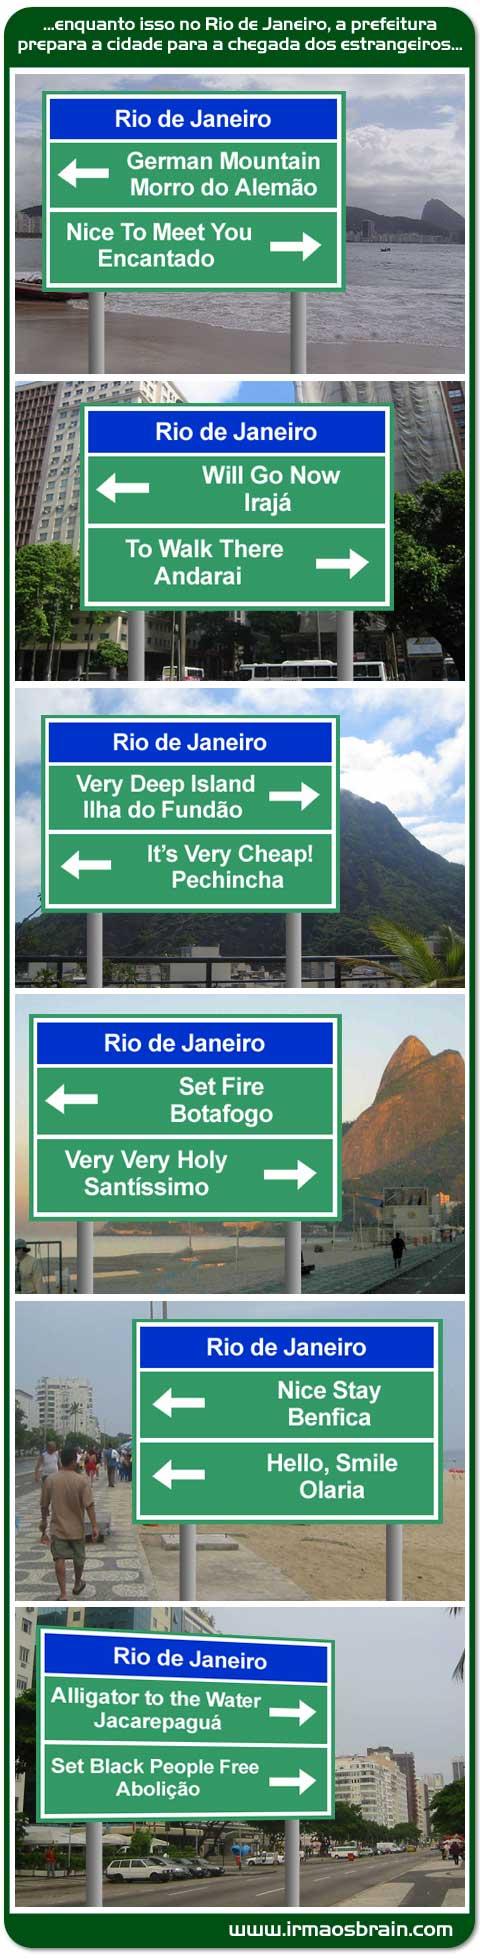 Placas Rio de Janeiro